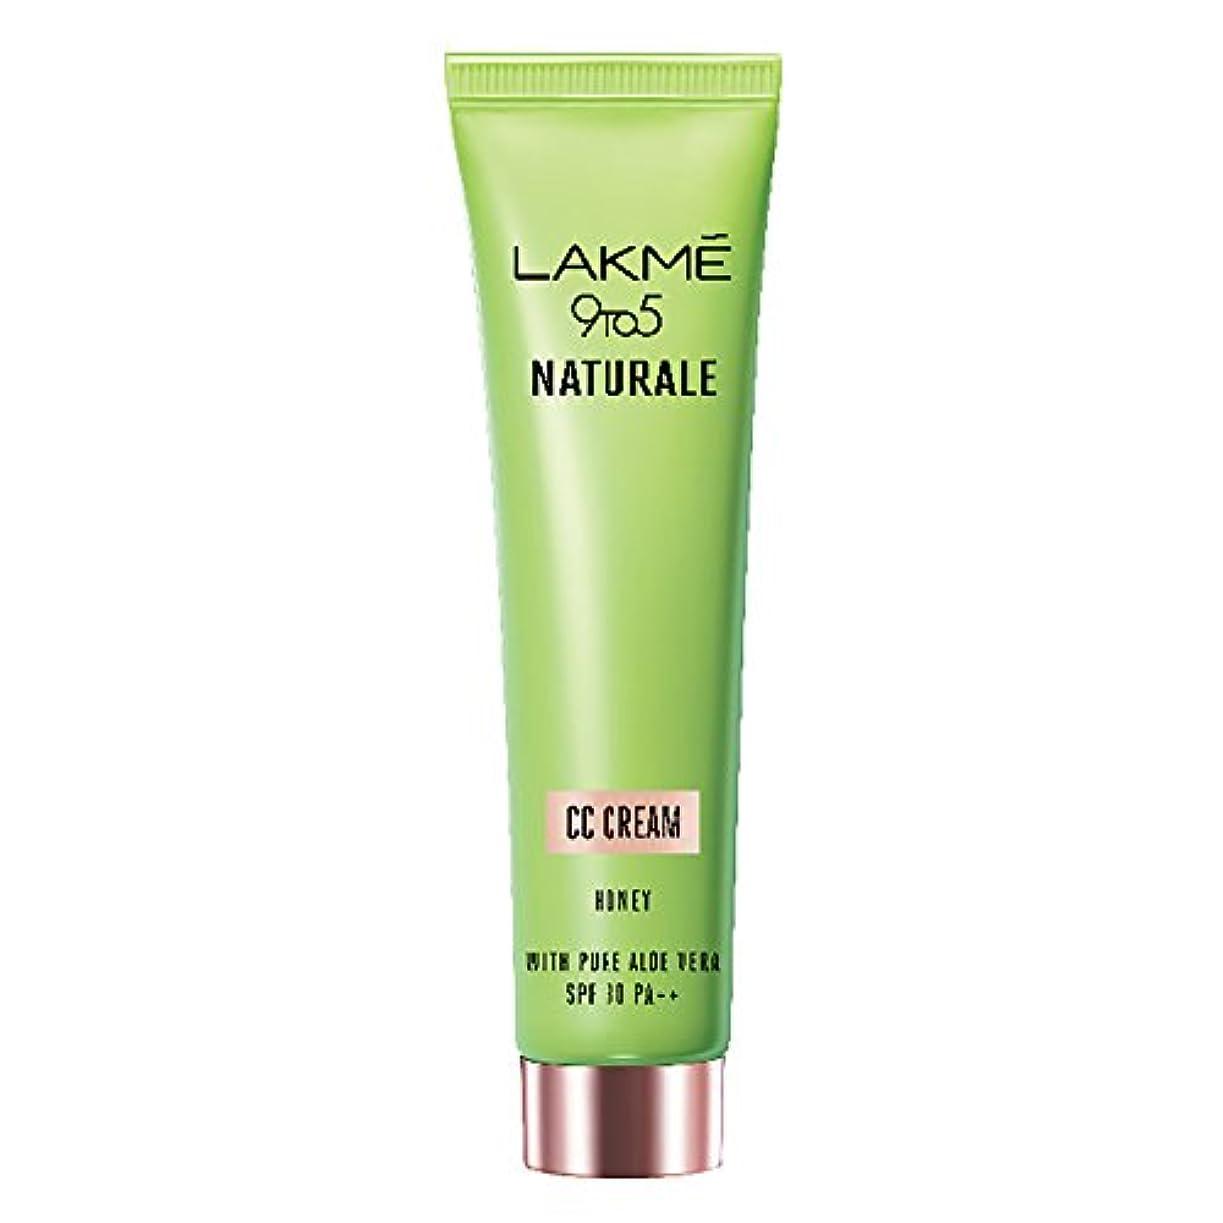 マルクス主義者路地に向かってLakme 9 to 5 Naturale CC Cream, Honey, 30g